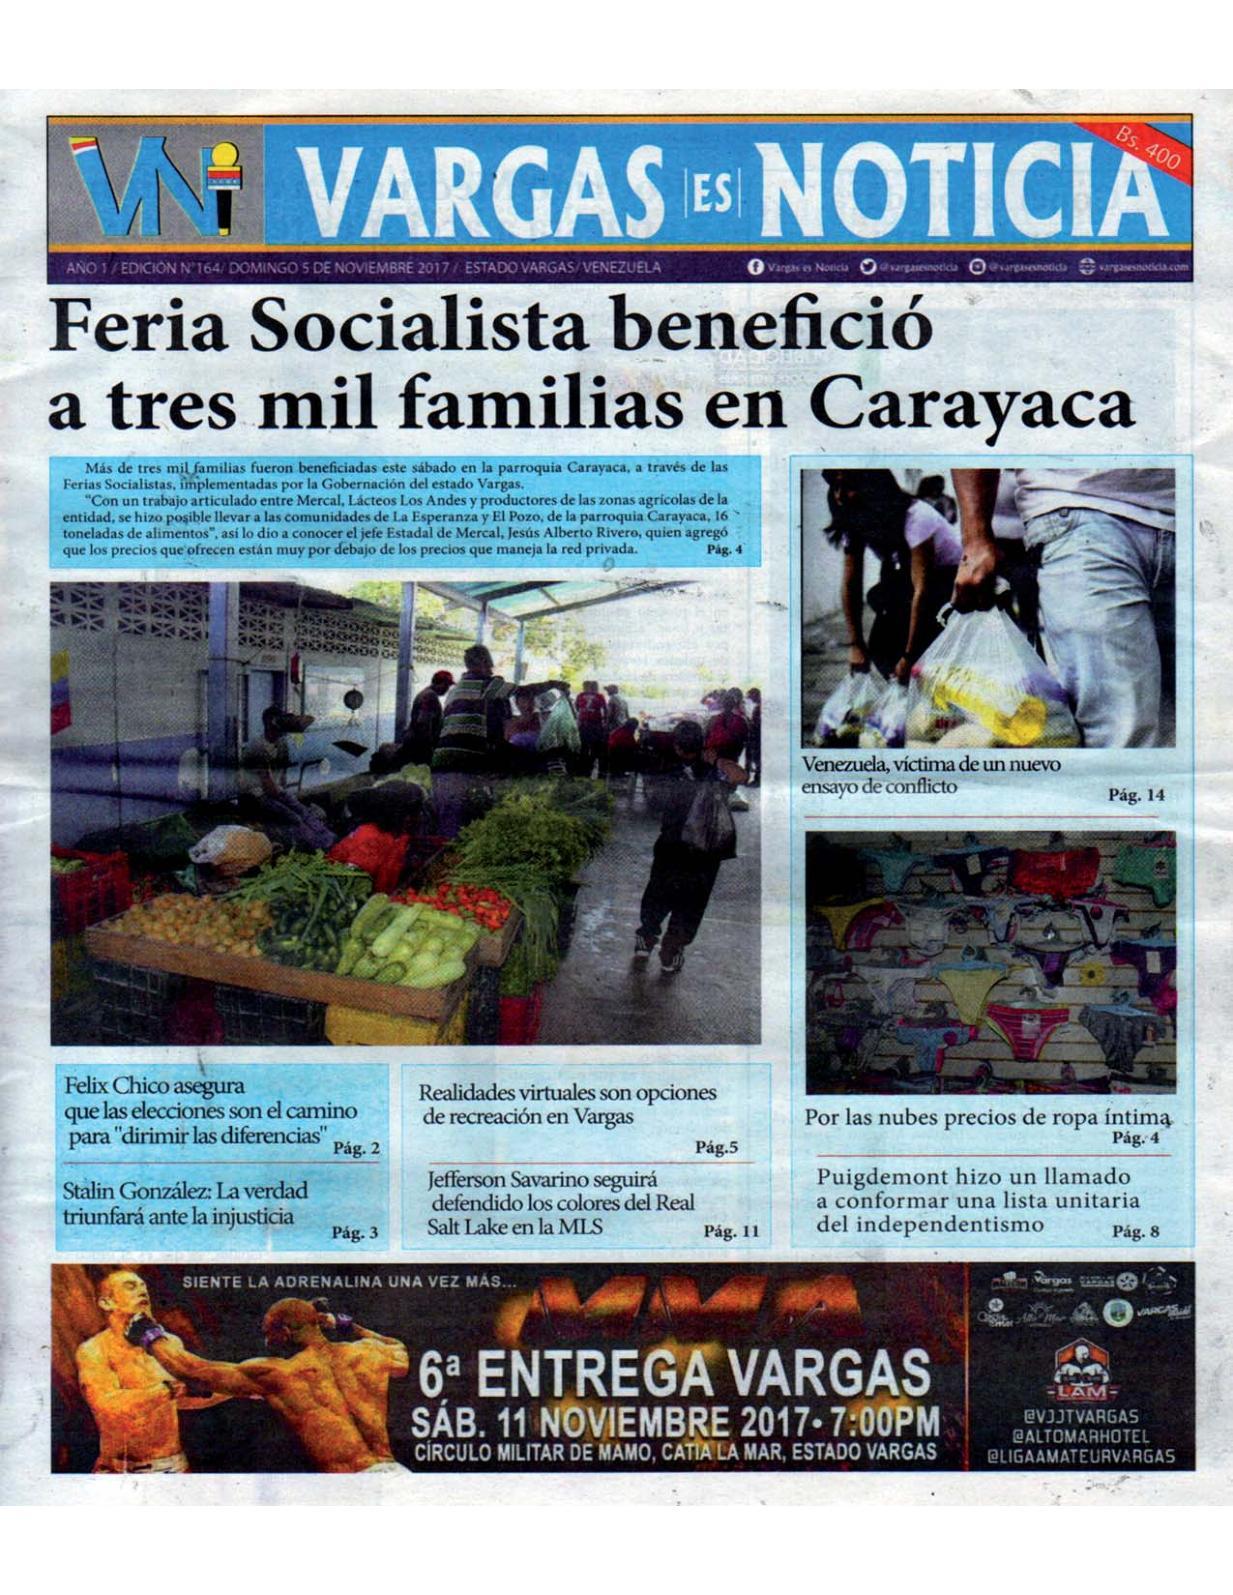 Vargas es Noticia, domingo 5 de octubre de 2017 N° 164